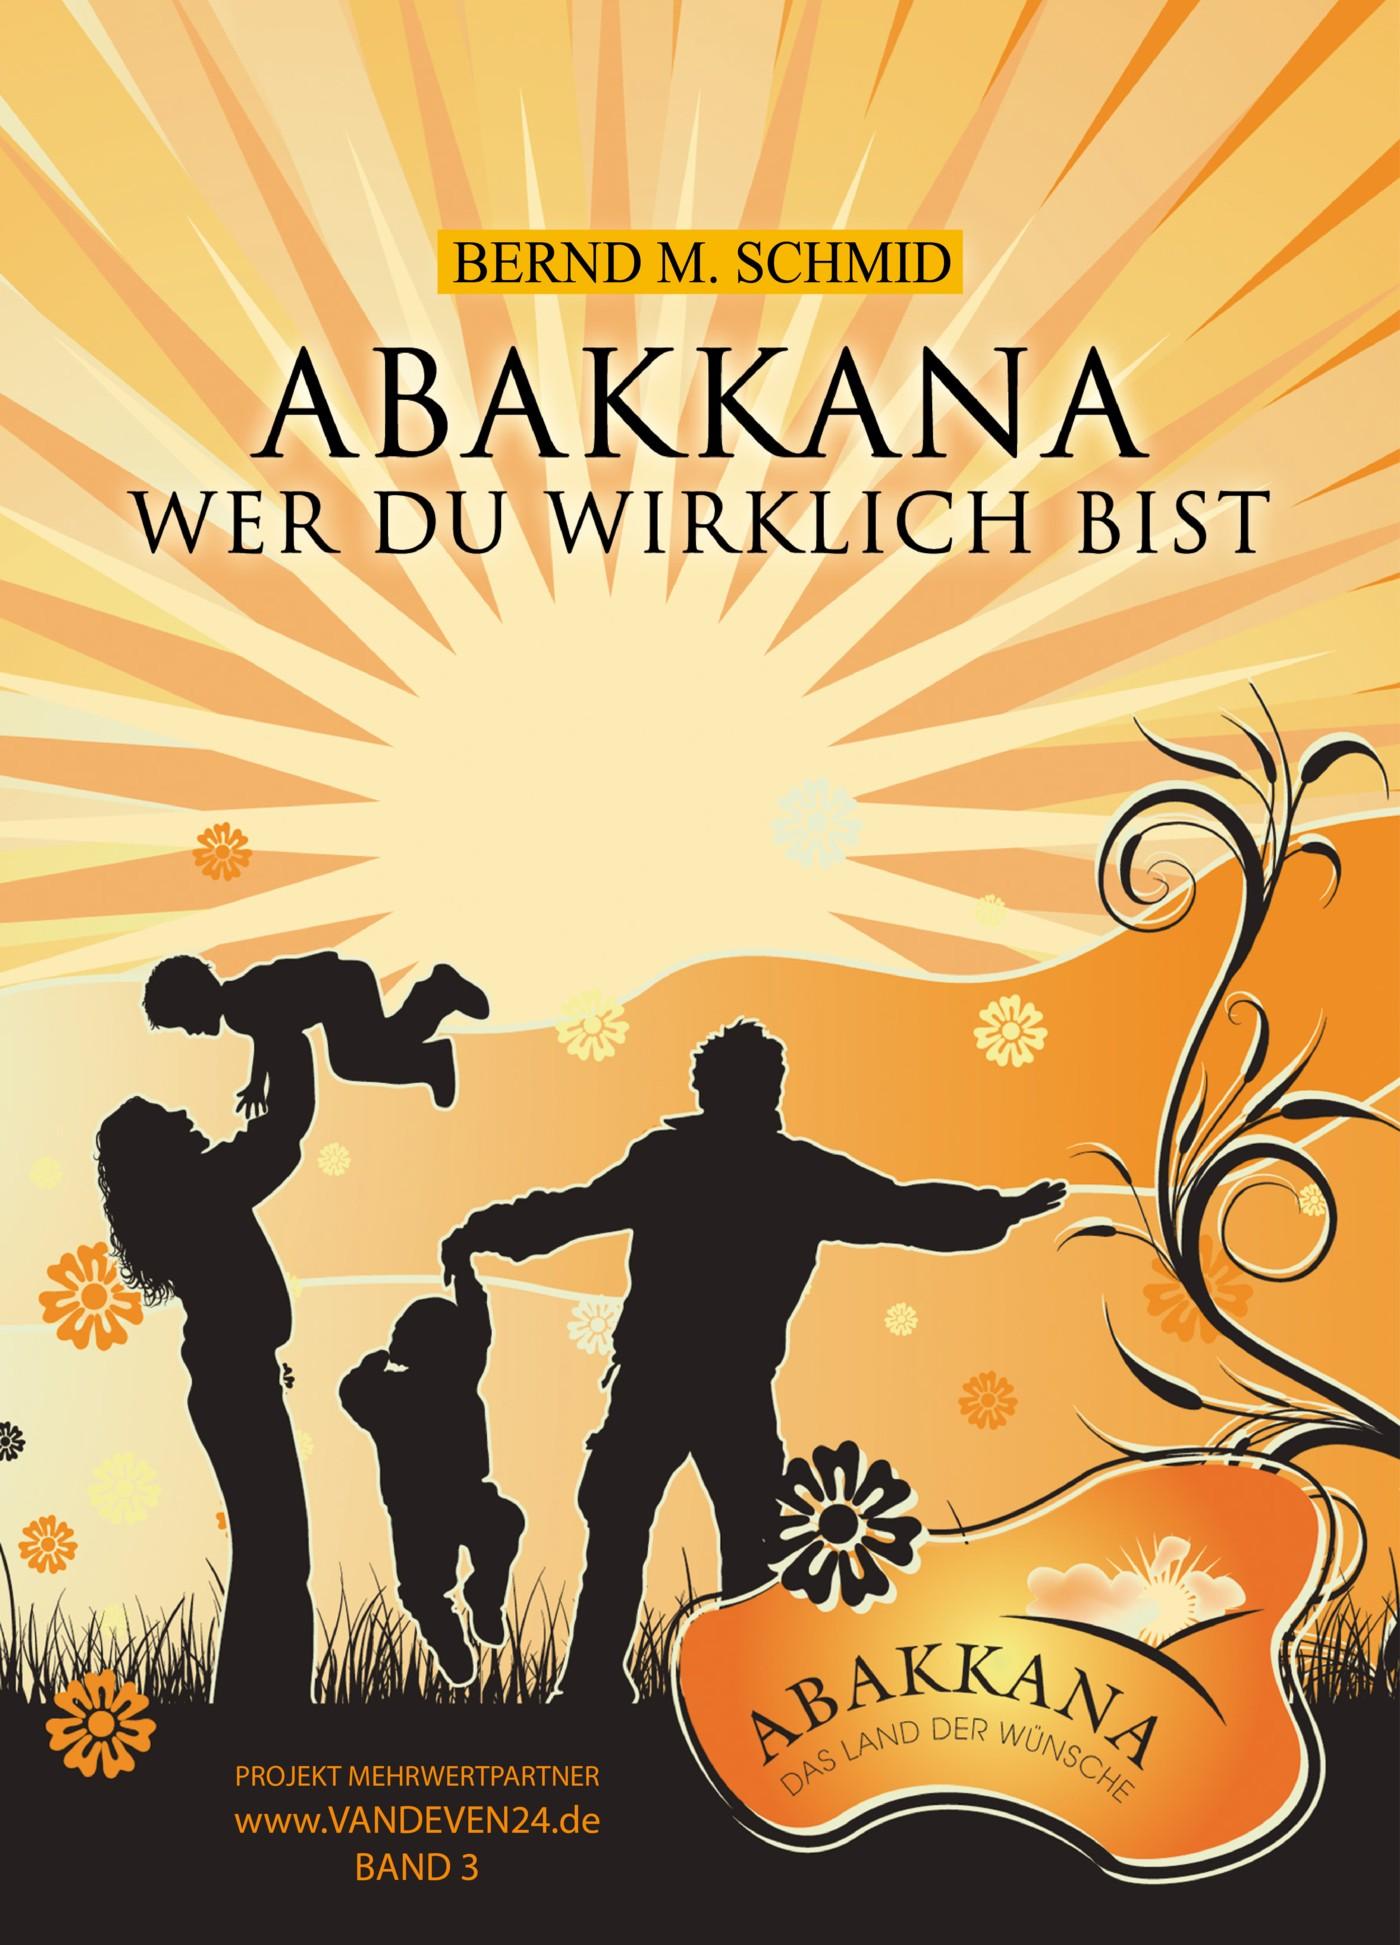 ABAKKANA - Wer du wirklich bist (03-2015)